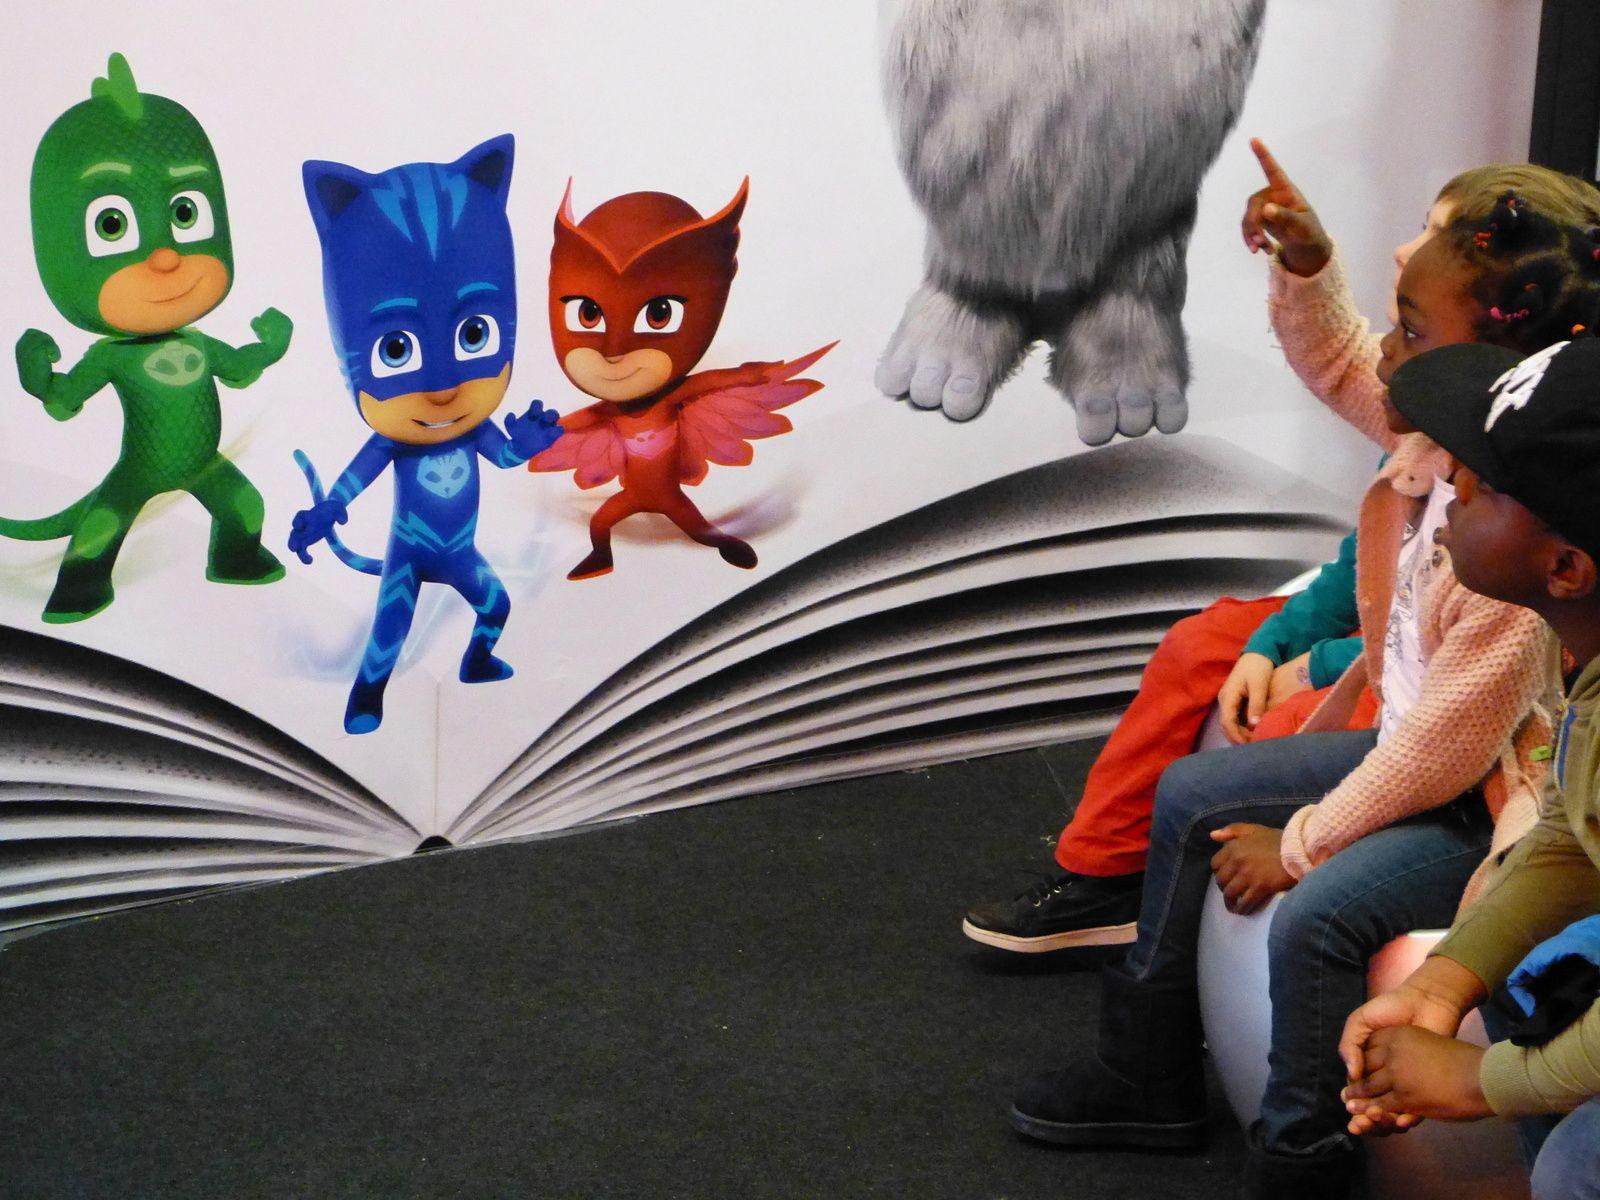 l'imaginaire des créateurs n'a d'égal que l'émerveillement des enfants....sans dessus dessous !